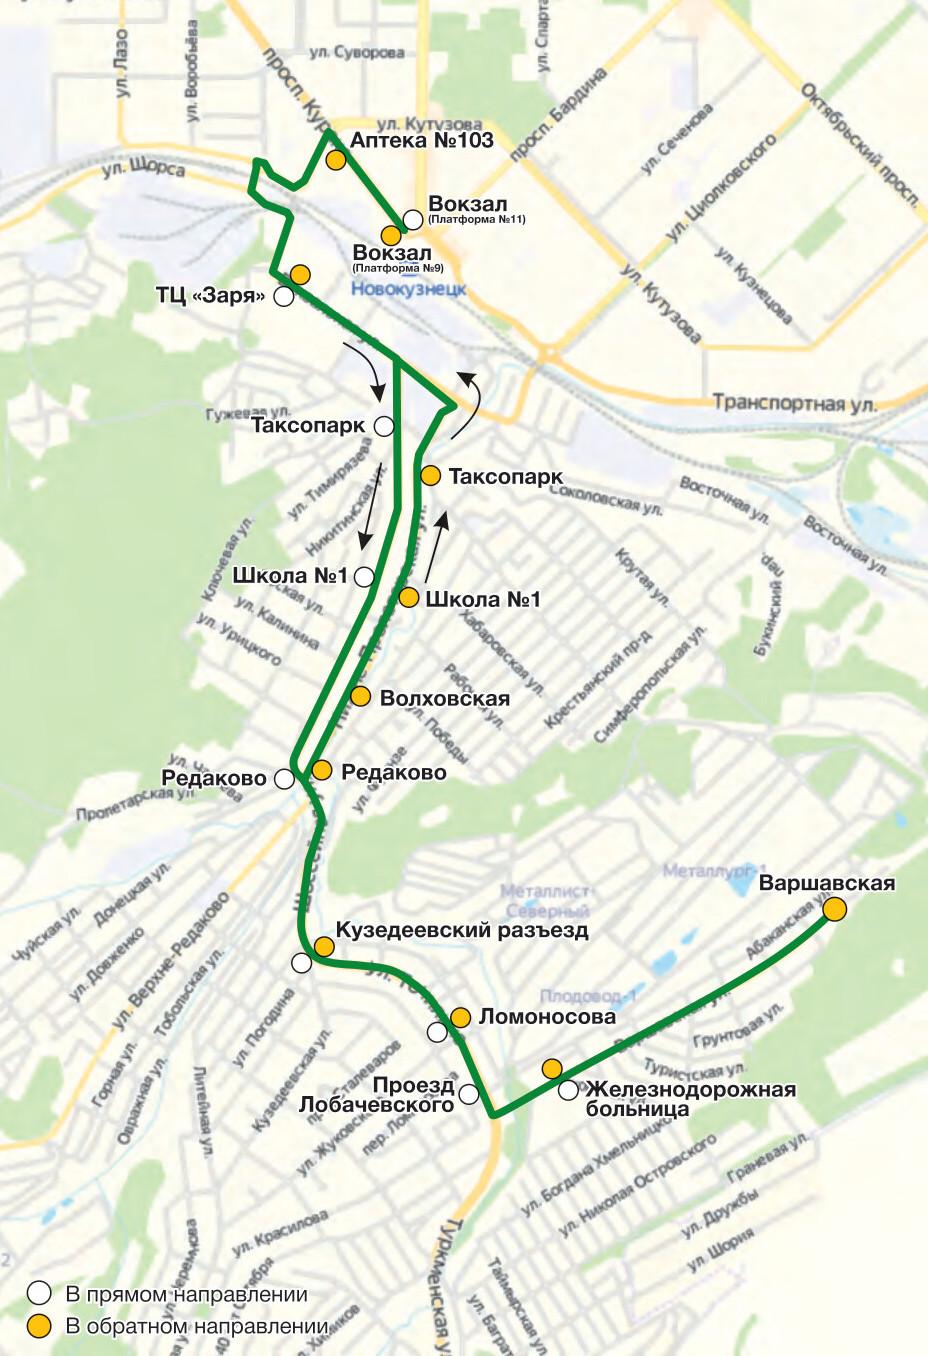 Автобус №65 ВОКЗАЛ - ВАРШАВСКАЯ | Расписание и маршрут движения